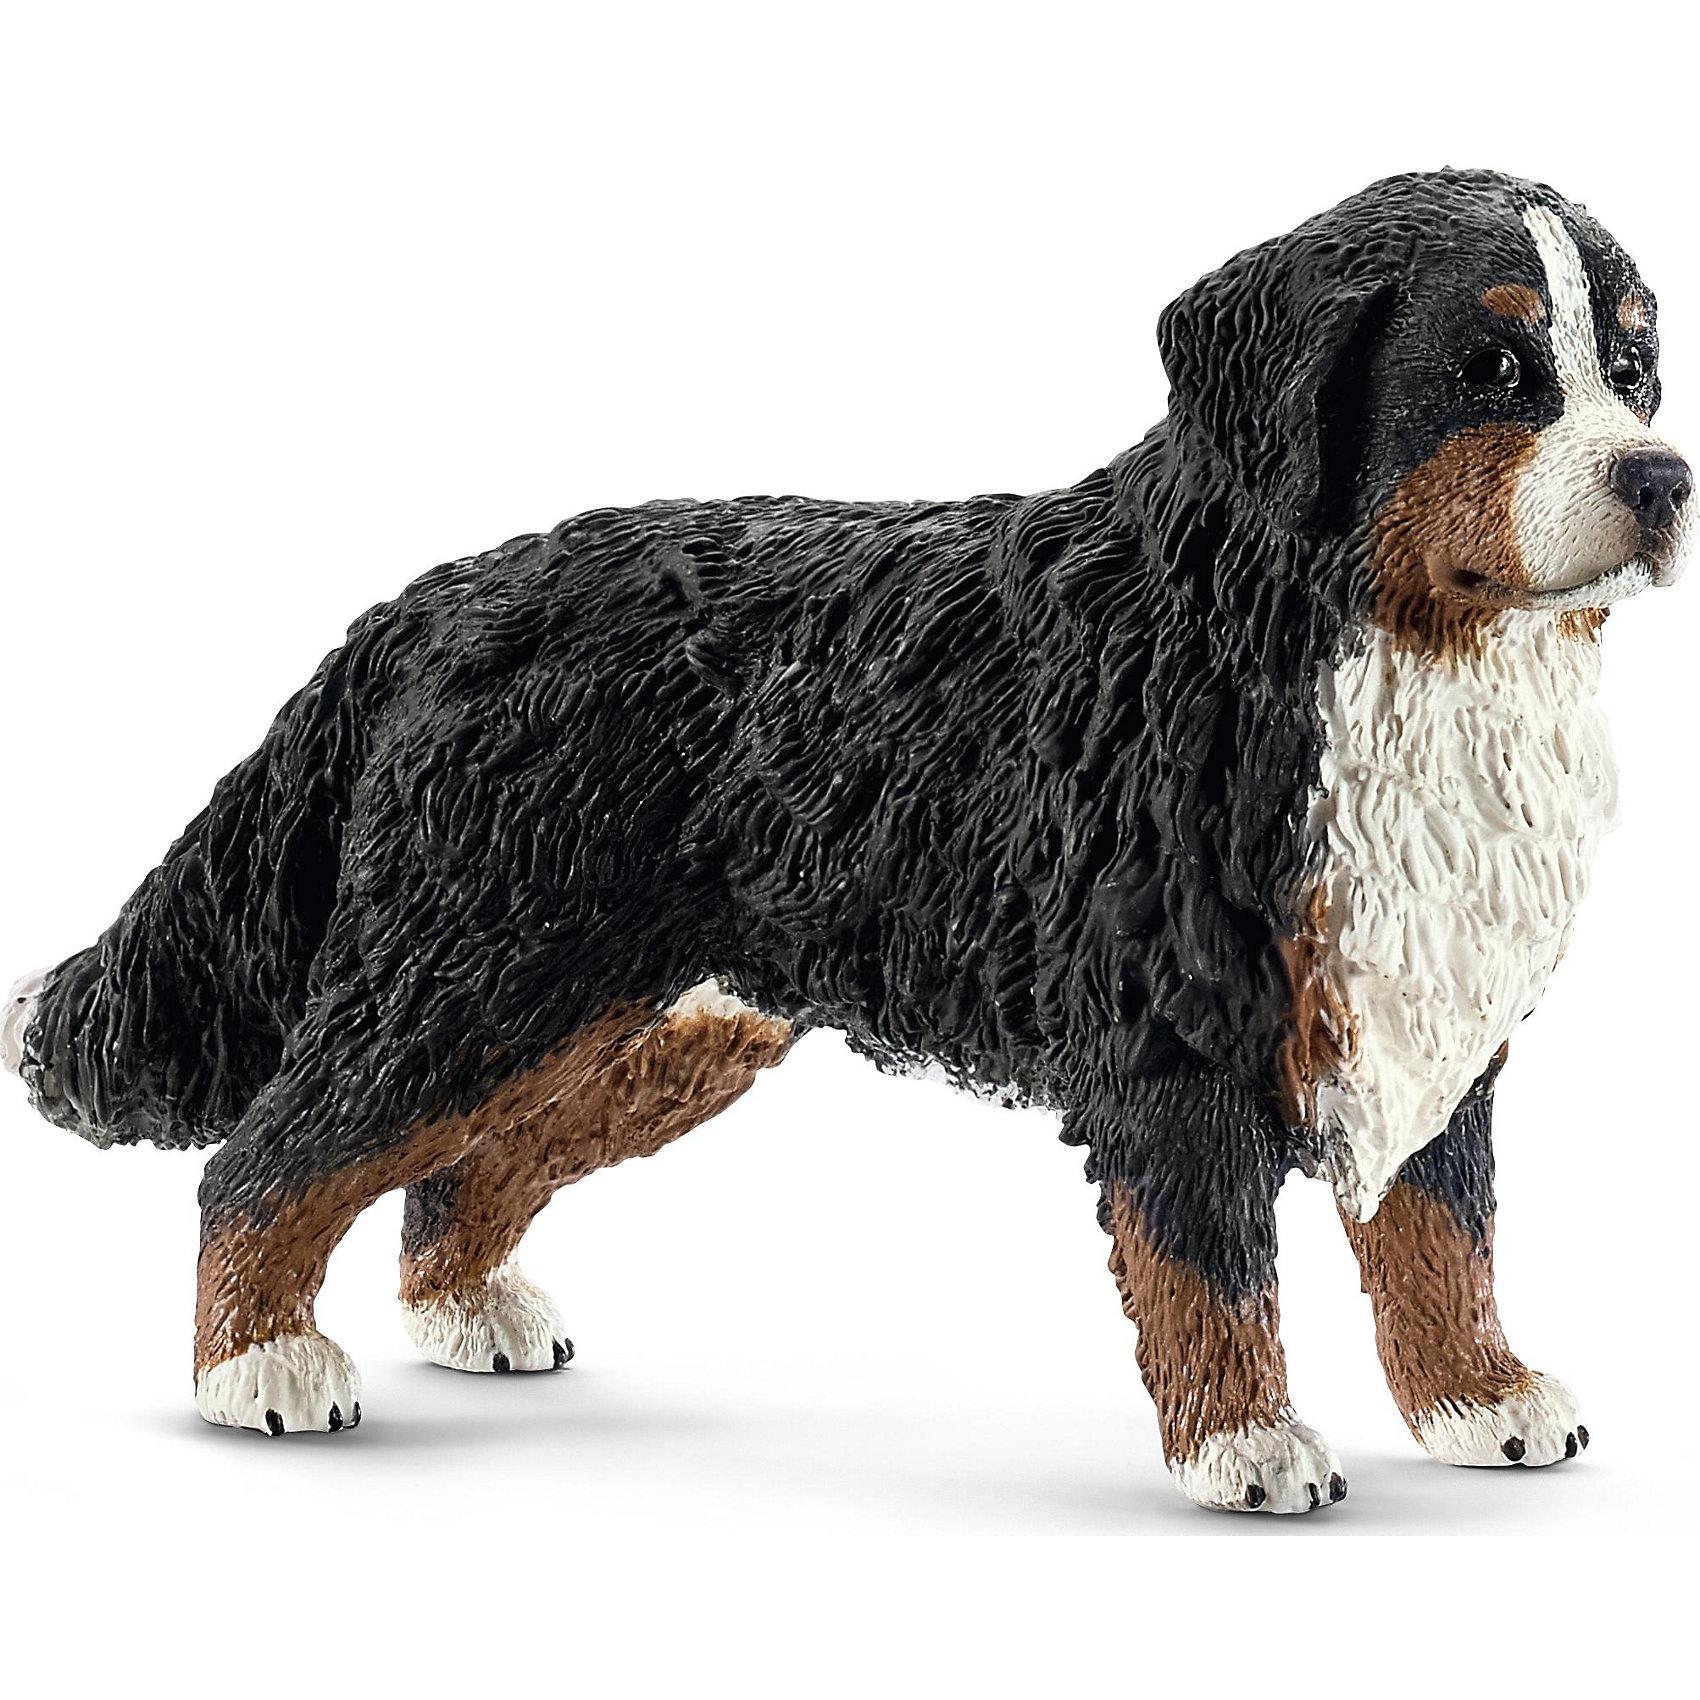 Бернский Зенненхунд, SchleichМир животных<br>Бернский Зенненхунд, Schleich (Шляйх) - коллекционная и игровая фигурка от немецкого производителя Schleich (Шляйх).<br>Фигурка собаки породы Бернский Зенненхунд обязательно порадует всех любителей собак и разнообразит игры вашего ребенка. Бернский Зенненхунд является одной из самых популярных и любимых многими породой собак. Они прекрасно поддаются дрессировке, очень общительны и дружелюбны. Все фигурки Schleich (Шляйх) сделаны из гипоаллергенных высокотехнологичных материалов, раскрашены вручную и не вызывают аллергии у ребенка. Прекрасно выполненные фигурки Schleich (Шляйх) отличаются высочайшим качеством игрушек ручной работы. Все они создаются при постоянном сотрудничестве с Берлинским зоопарком, а потому, являются максимально точной копией настоящих животных. Каждая фигурка разработана с учетом исследований в области педагогики и производится как настоящее произведение для маленьких детских ручек.<br><br>Дополнительная информация:<br><br>-Размер фигурки: 7,9 x 2,5 x 5,1 см.<br>-Вес фигурки: 9 грамм<br>-Материал: каучуковый пластик<br><br>Бернский Зенненхунд, Schleich (Шляйх) - ваш ребенок будет наслаждаться игрой с новой восхитительной игрушкой.<br><br>Фигурку собаки породы Бернский Зенненхунд, Schleich (Шляйх) можно купить в нашем интернет-магазине.<br><br>Ширина мм: 121<br>Глубина мм: 53<br>Высота мм: 22<br>Вес г: 31<br>Возраст от месяцев: 36<br>Возраст до месяцев: 96<br>Пол: Унисекс<br>Возраст: Детский<br>SKU: 3443156